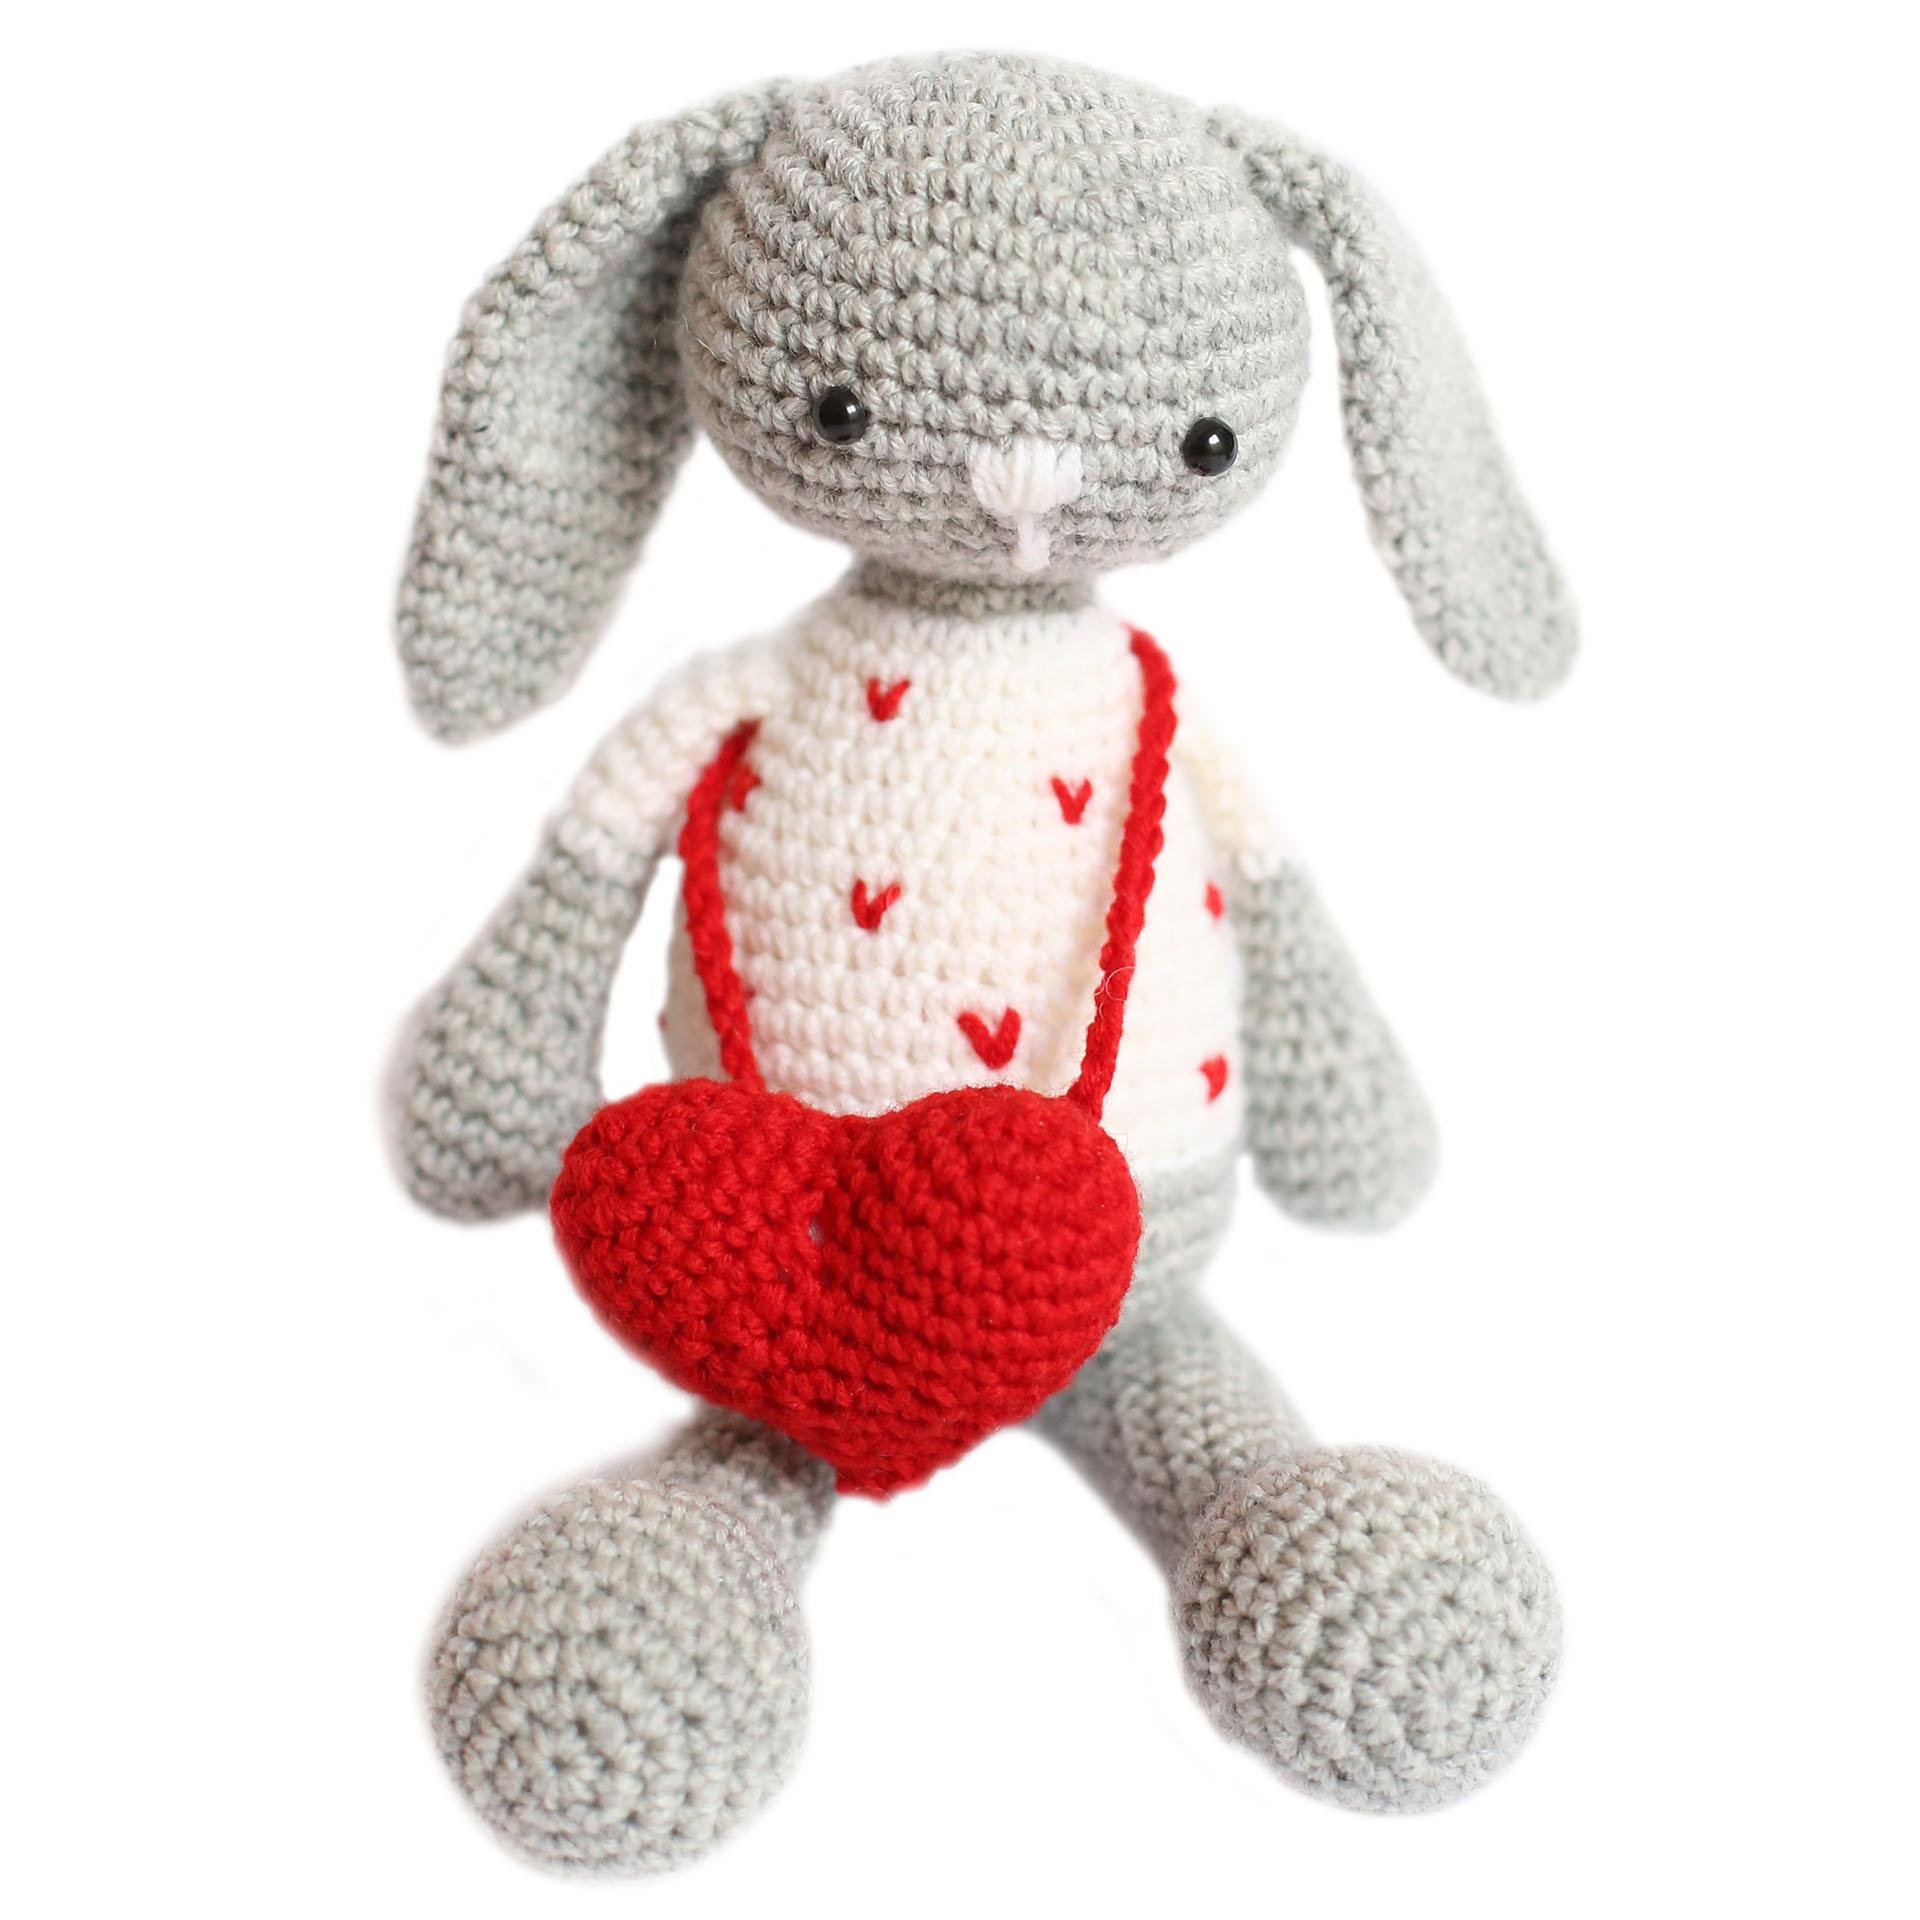 Kit Per Amigurumi : Alessio il coniglio Kit Amigurumi Happy Shop